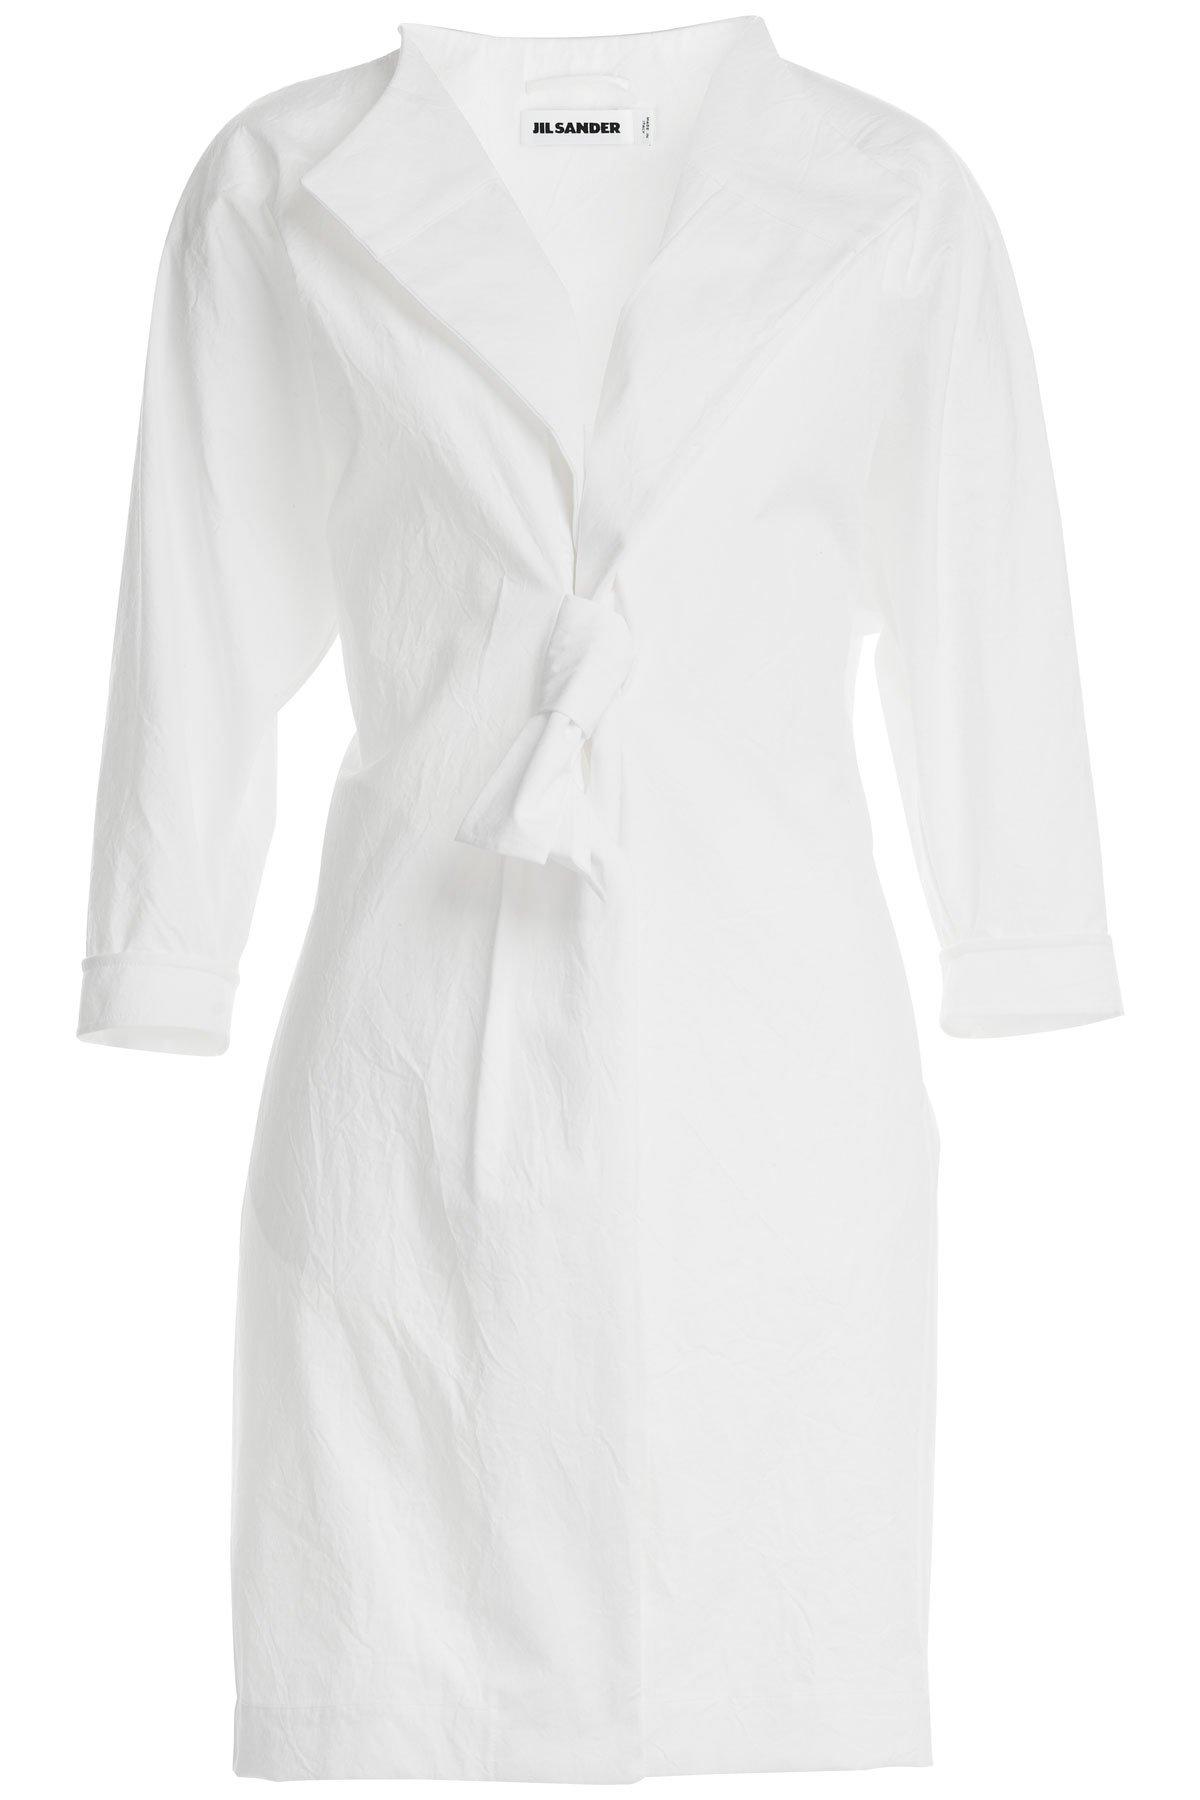 Jil sander Wrinkled Cotton Coat - White in White | Lyst